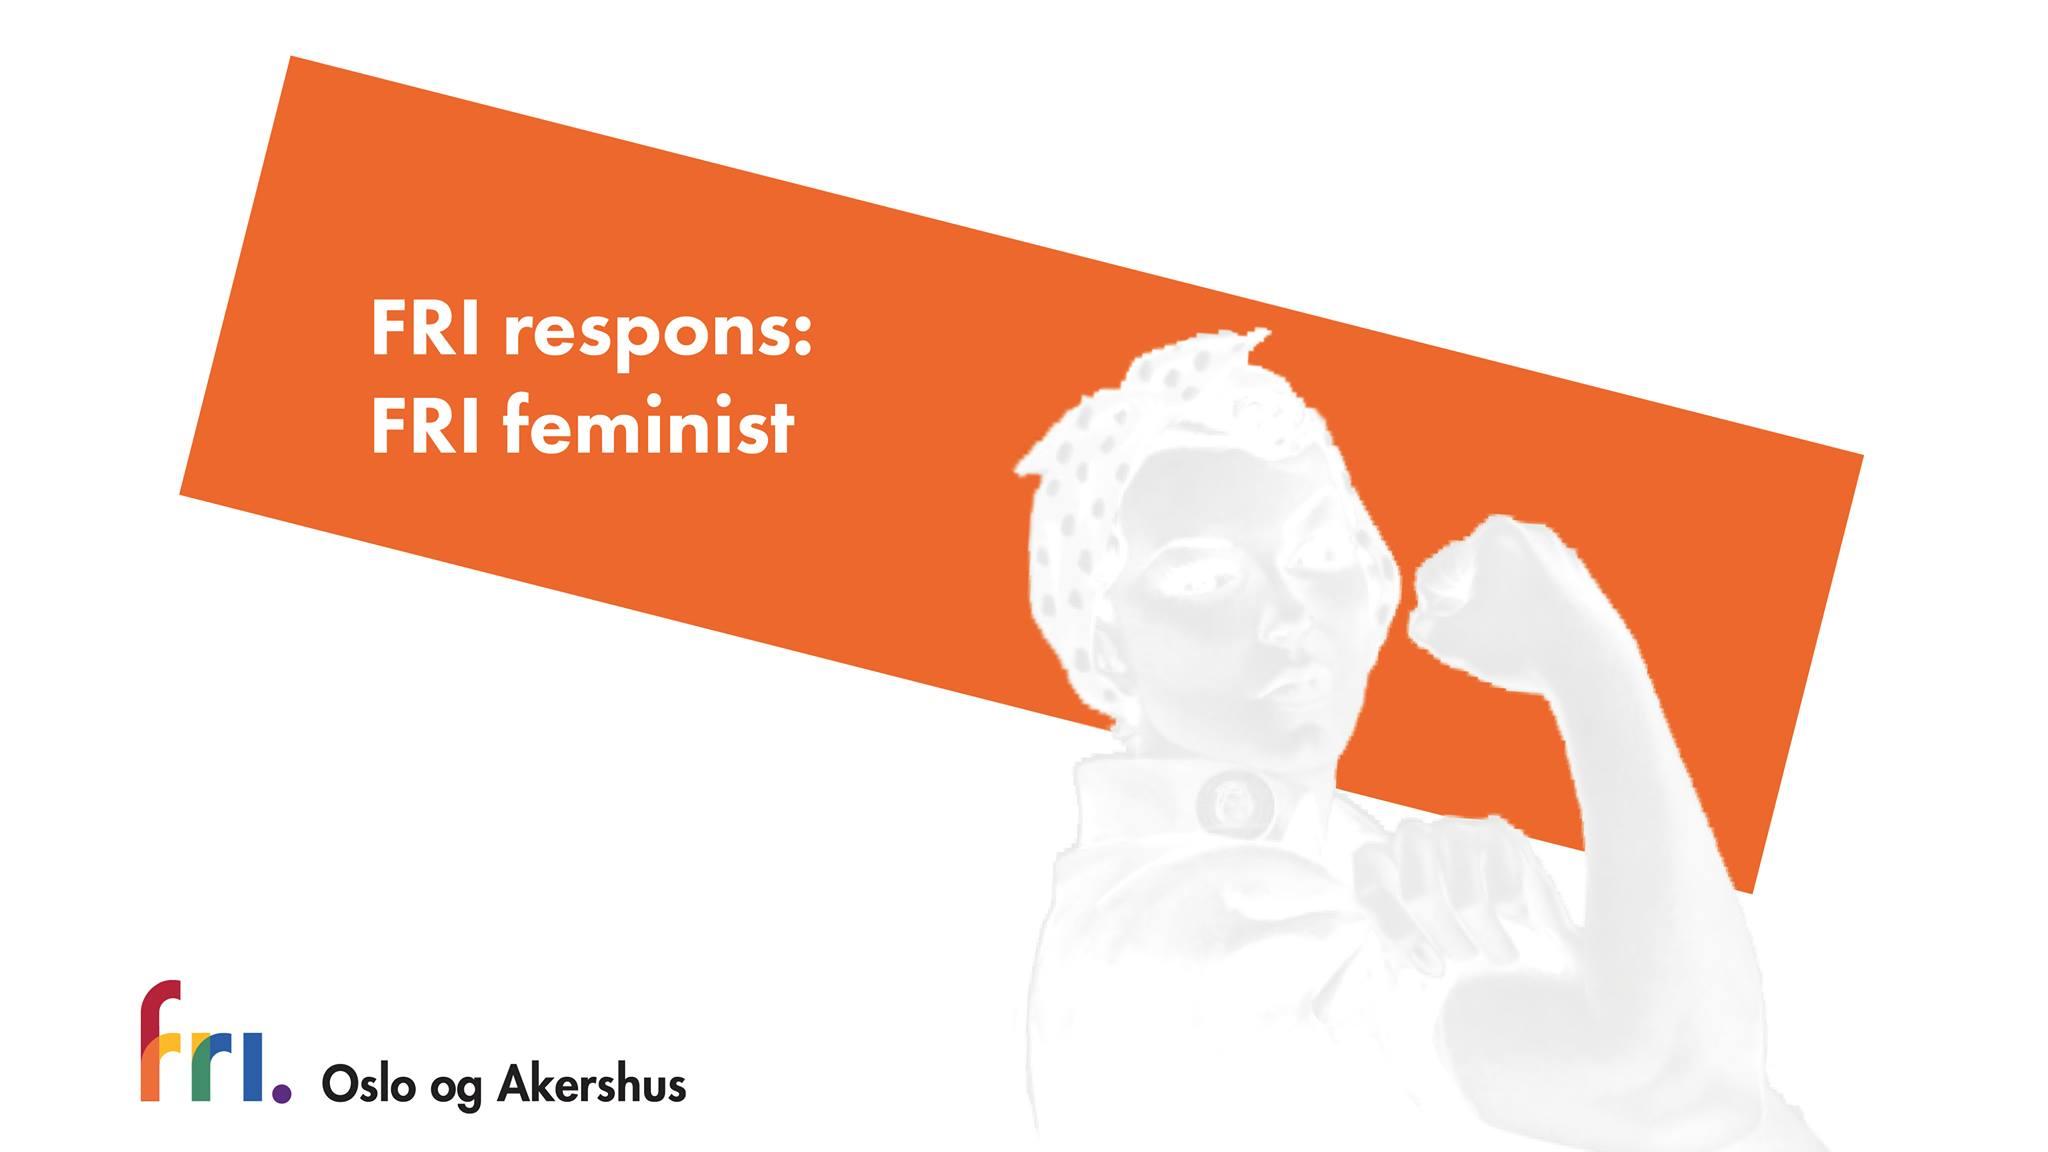 Velkommen til FRI respons onsdag 27. mars om FRIs feministiske politikk. Alle skeive - venner, medlemmer og andre - er invitert til en kveld hvor vi møtes ansikt til ansikt og diskuterer hvordan vår politikk er feministisk, og hvordan den skeive og den feministiske bevegelsen har jobbet parallelt opp gjennom historien.